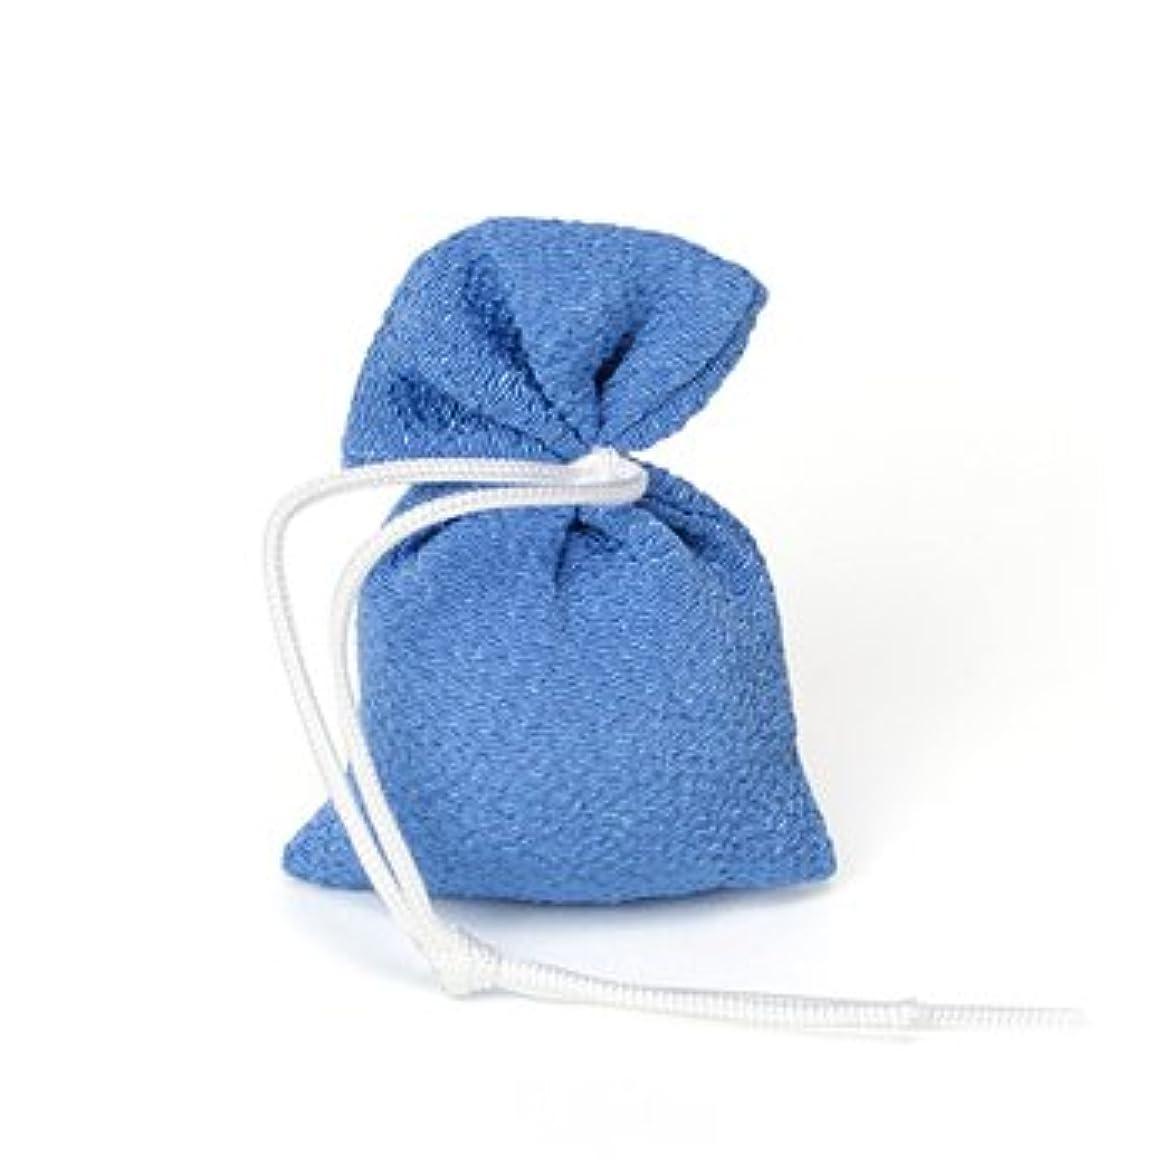 比率説得力のある名目上の松栄堂 匂い袋 誰が袖 上品(無地) 1個入 (色をお選びください) (青)